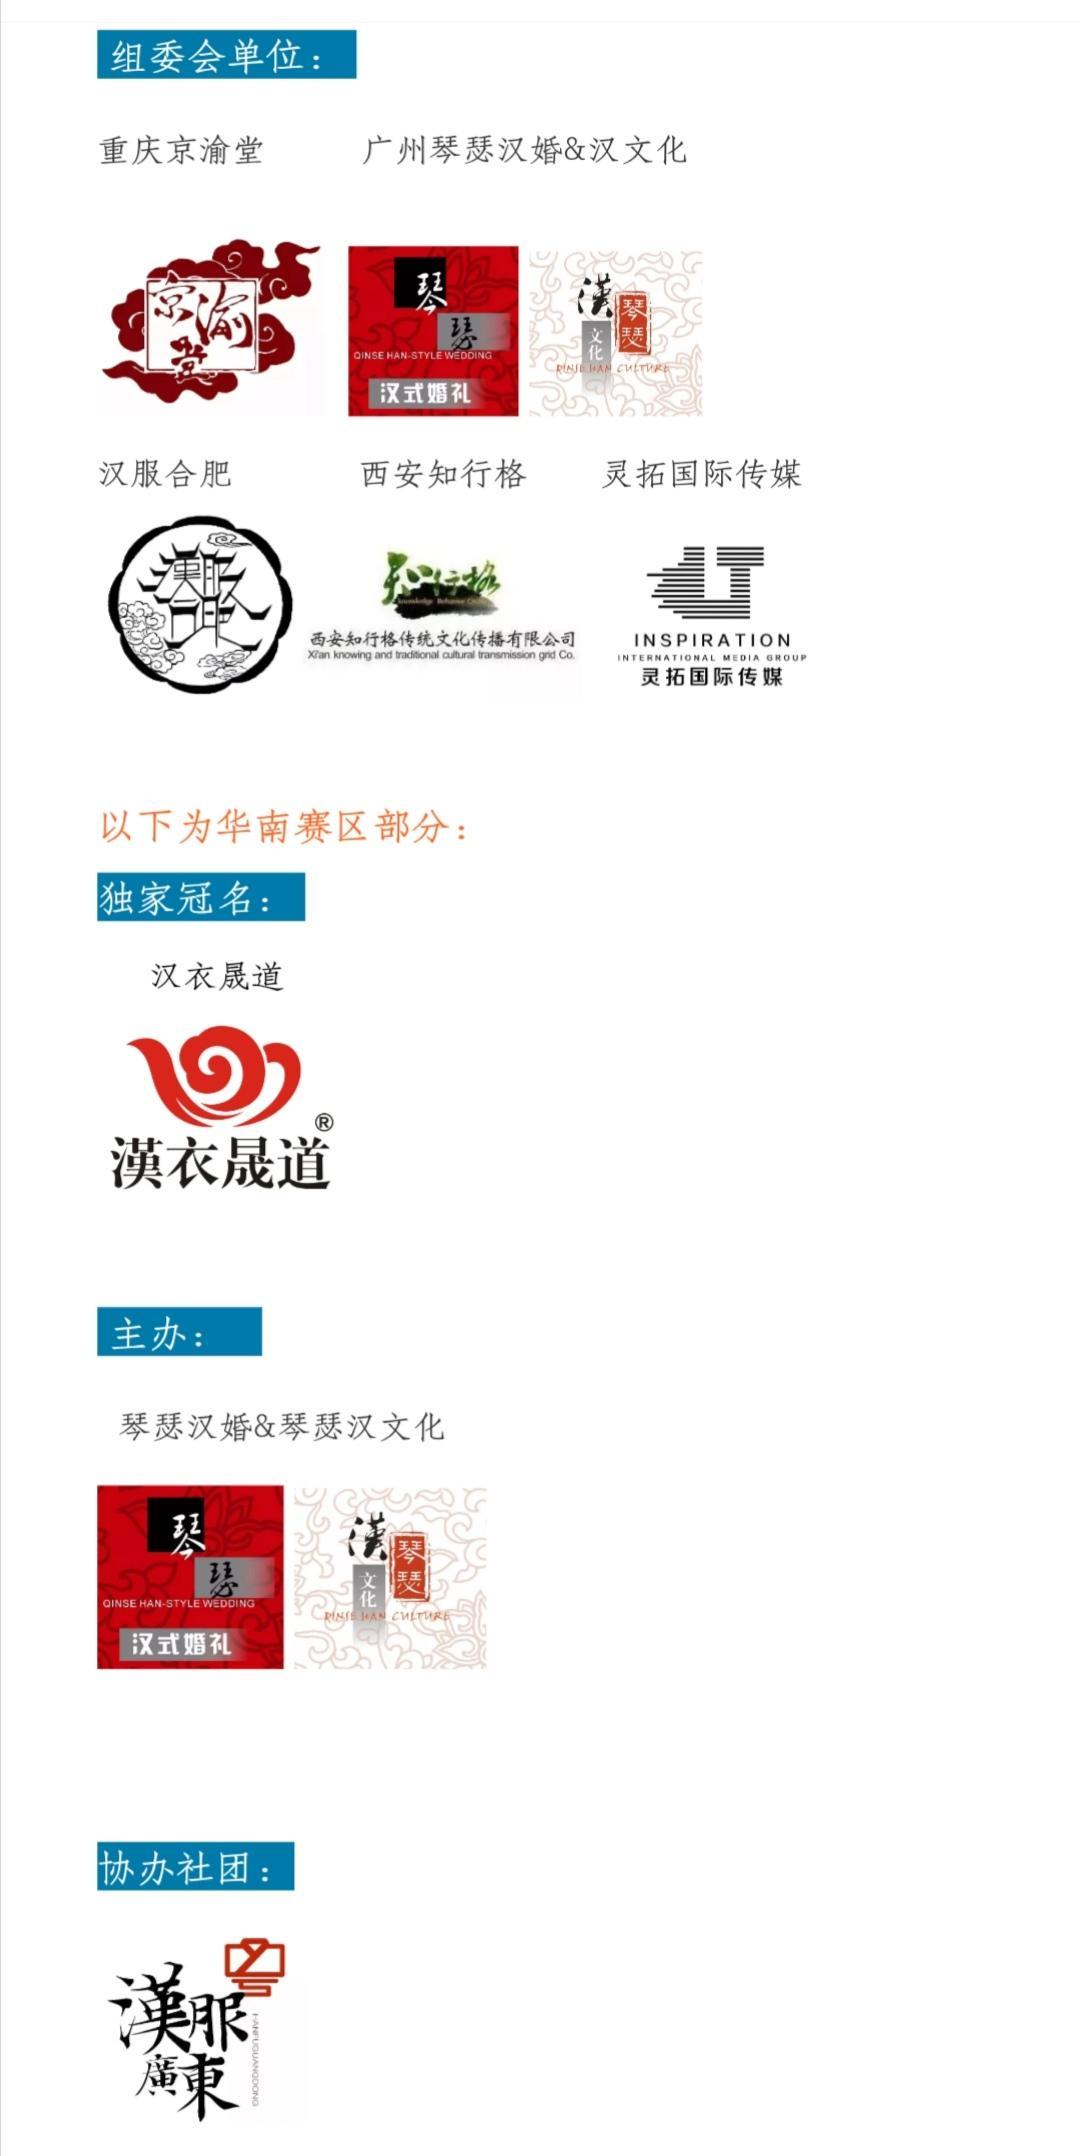 2020礼衣华夏汉服超模大赛华南赛区广西区开始预热!